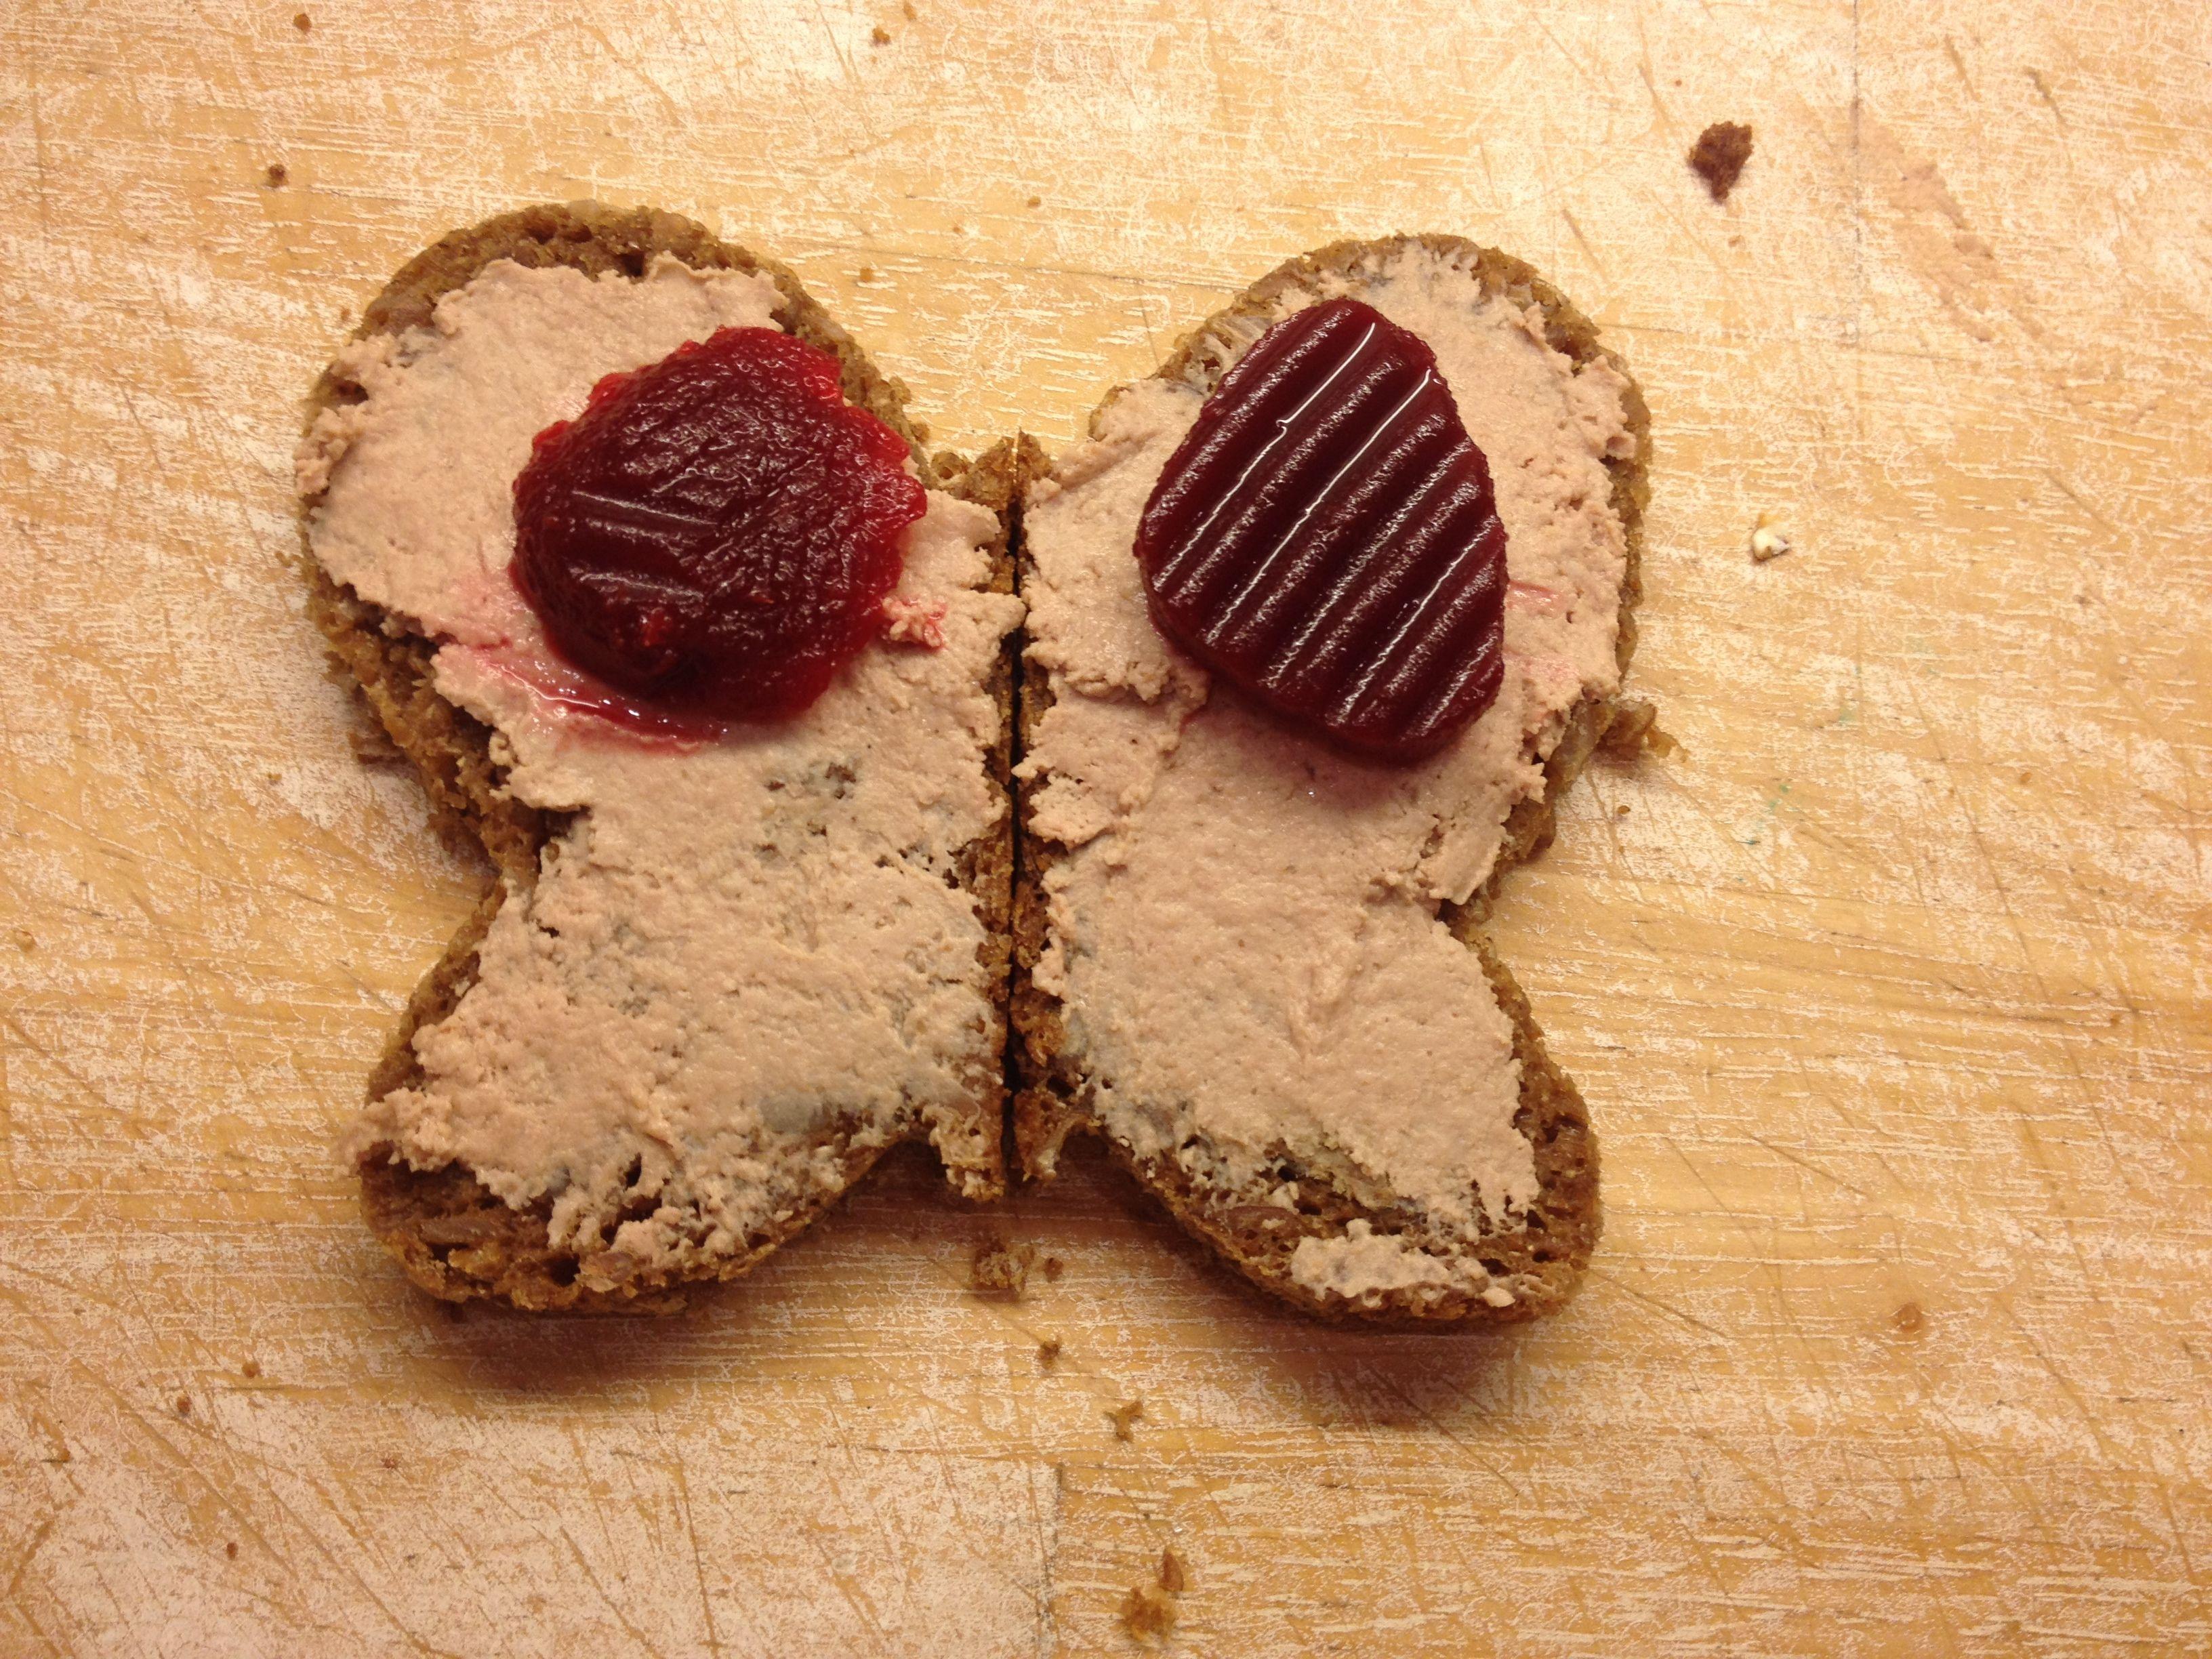 Her er der brugt en sandwishudstikker. 2 stykker rugbrød ved siden af hinanden. Prik---smør---pynt. Vupsi en madpakke der skaber glæde.